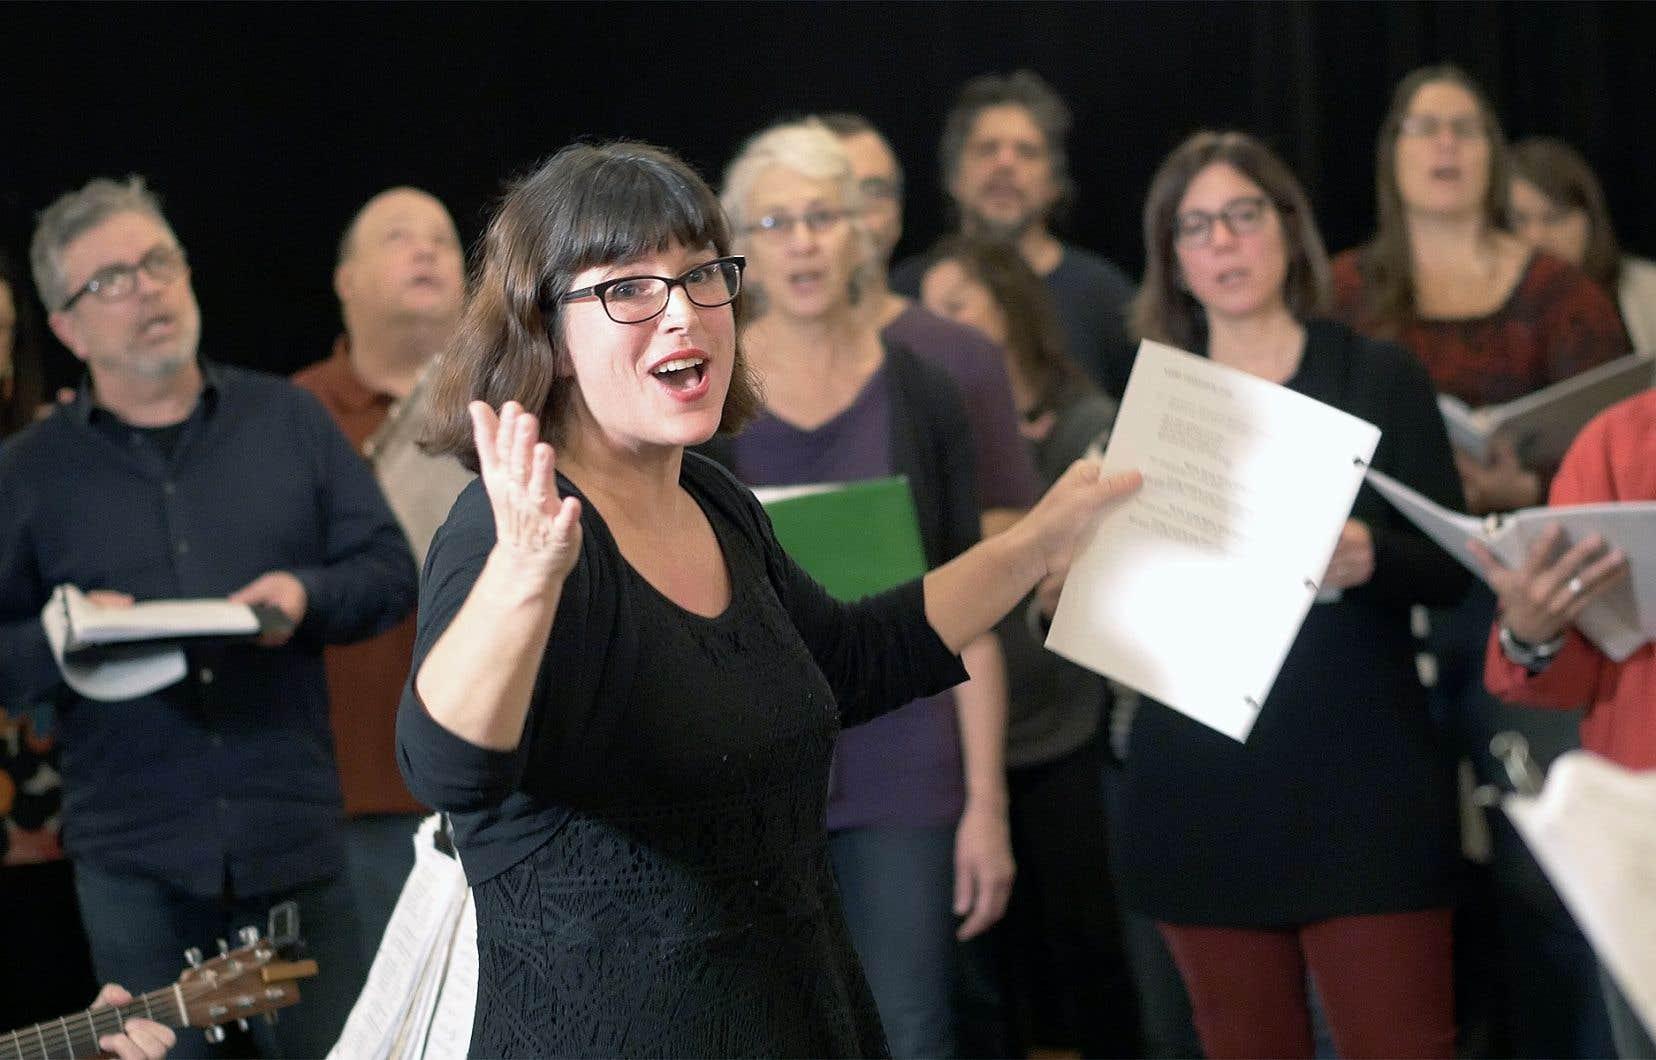 En fondant la chorale Chœur de loups, en septembre dernier, Marie-Josée Forest a matérialisé son intention de créer un lieu où tout le monde serait bienvenu.